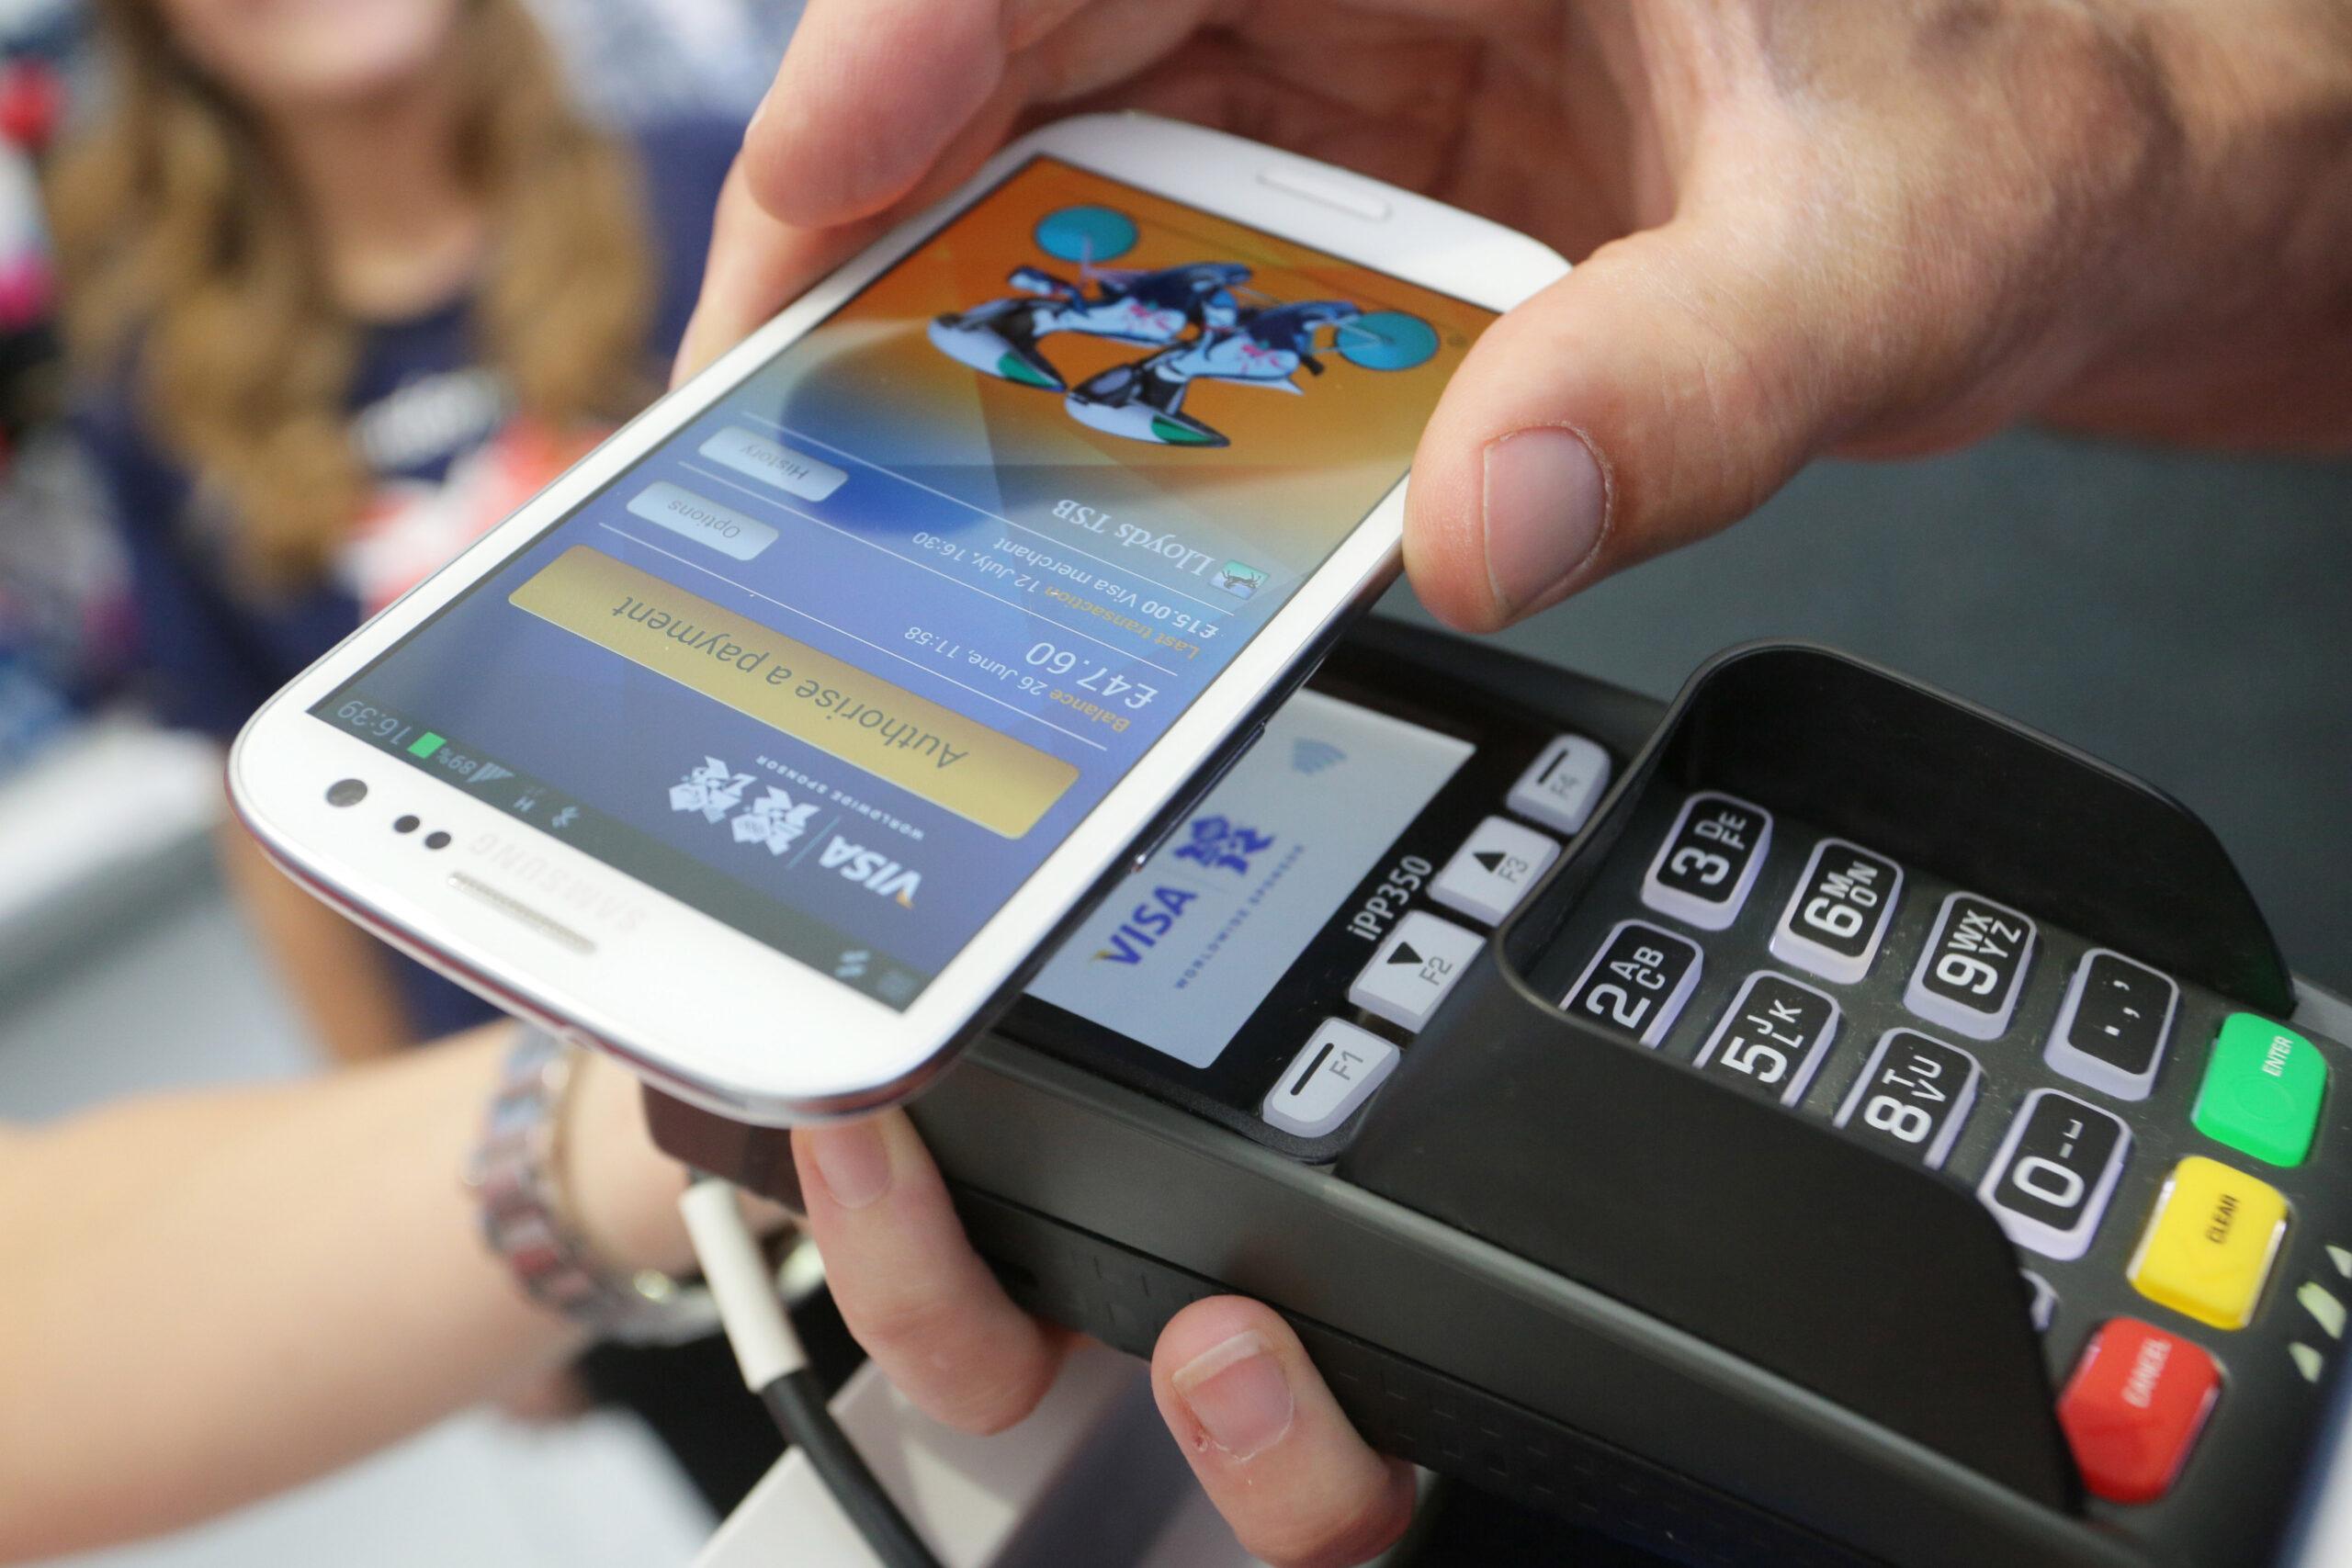 إطلاق خدمة الدفع عبر الهاتف النقال في الجزائر بداية 2020